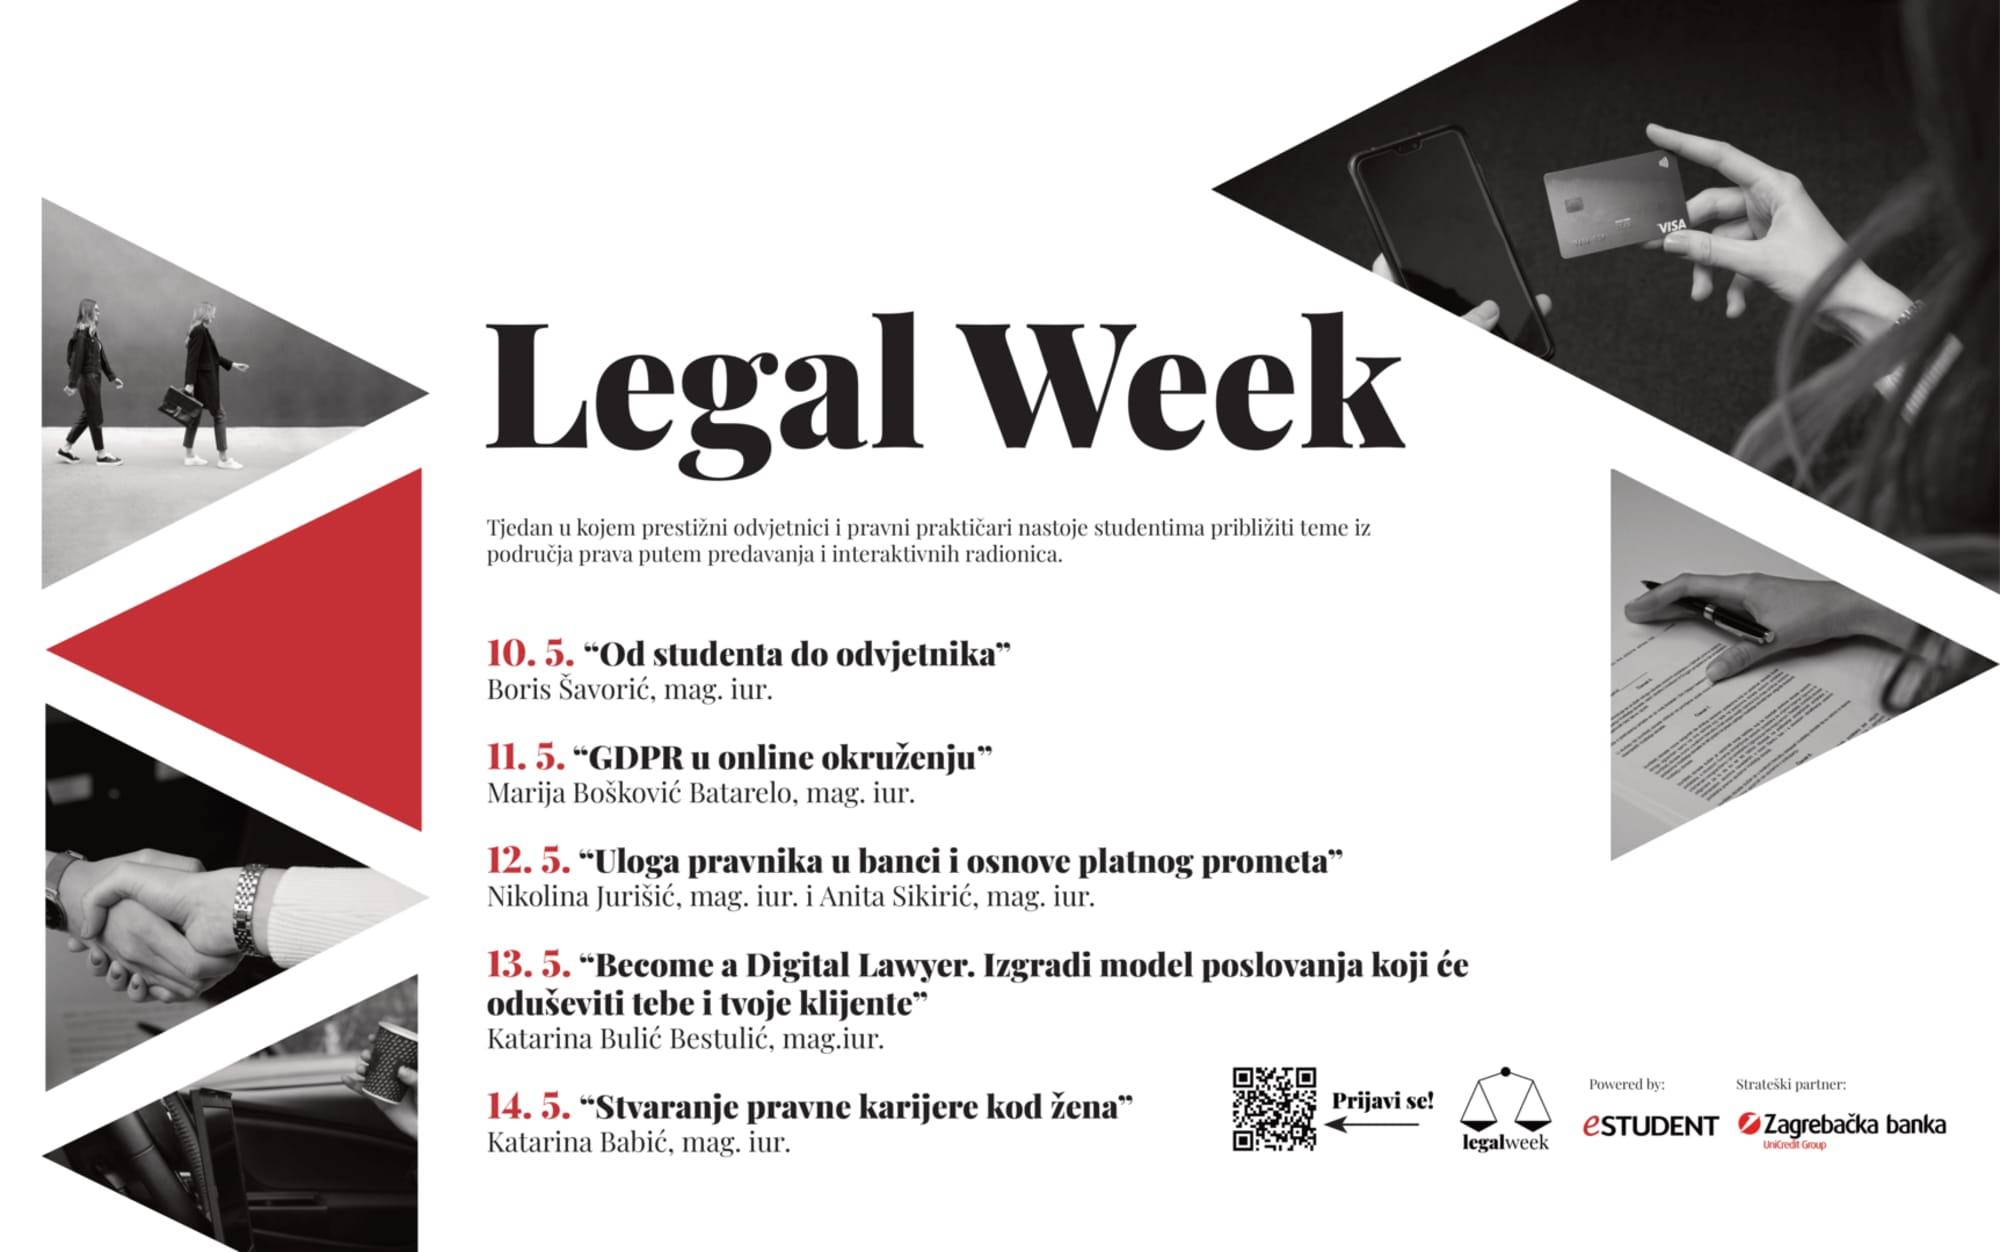 Otvorene prijave za Legal Week: upoznajte se s aktualnim temama iz svijeta prava